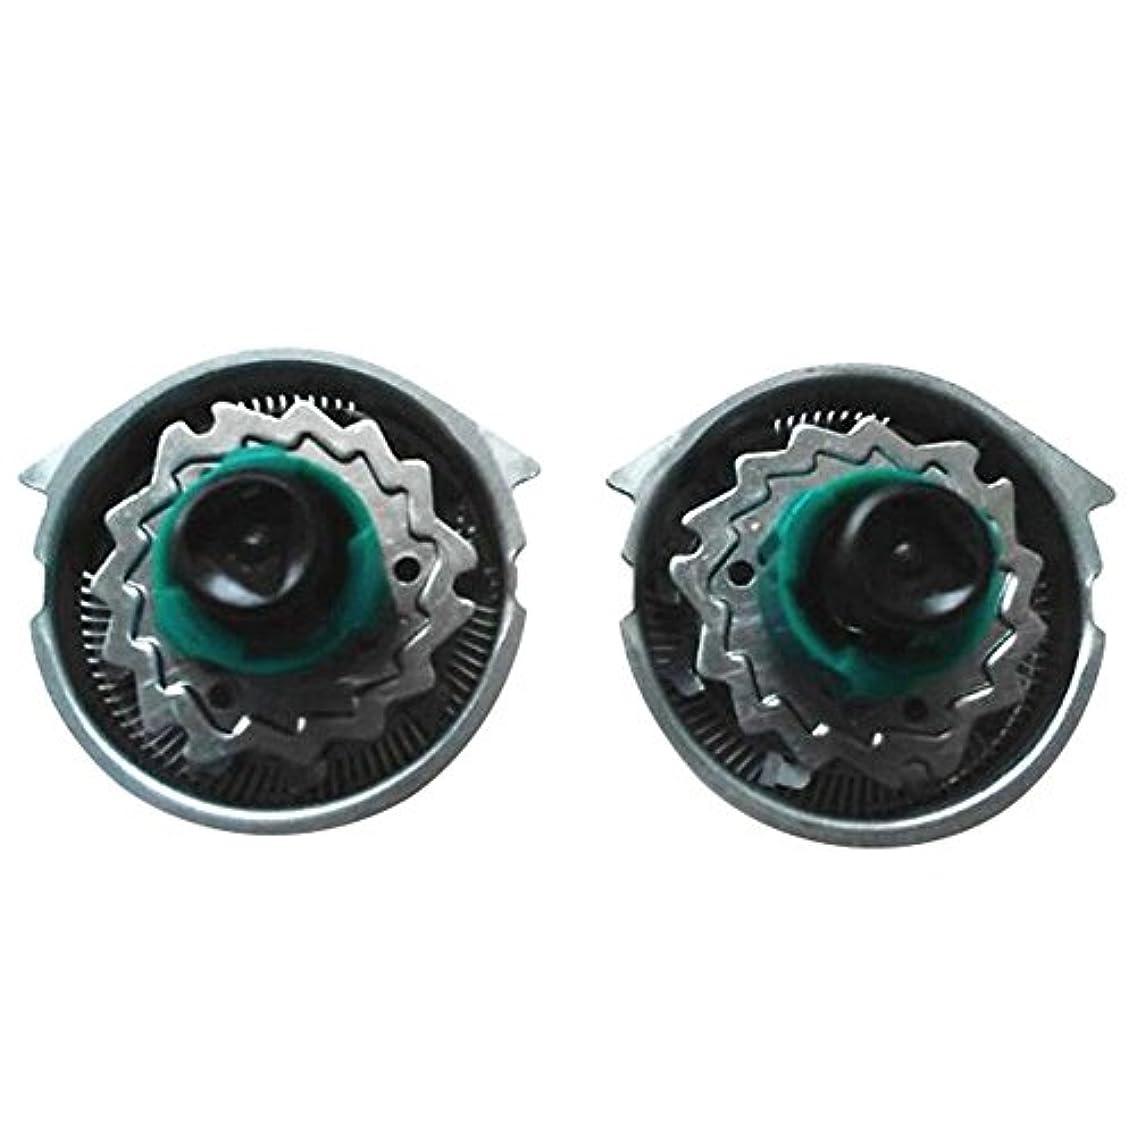 楕円形に対処する運動するDeylaying 置換 シェーバー 頭/カッター/キャリーバッグ/保護キャップ for Philips RQ1151 1195